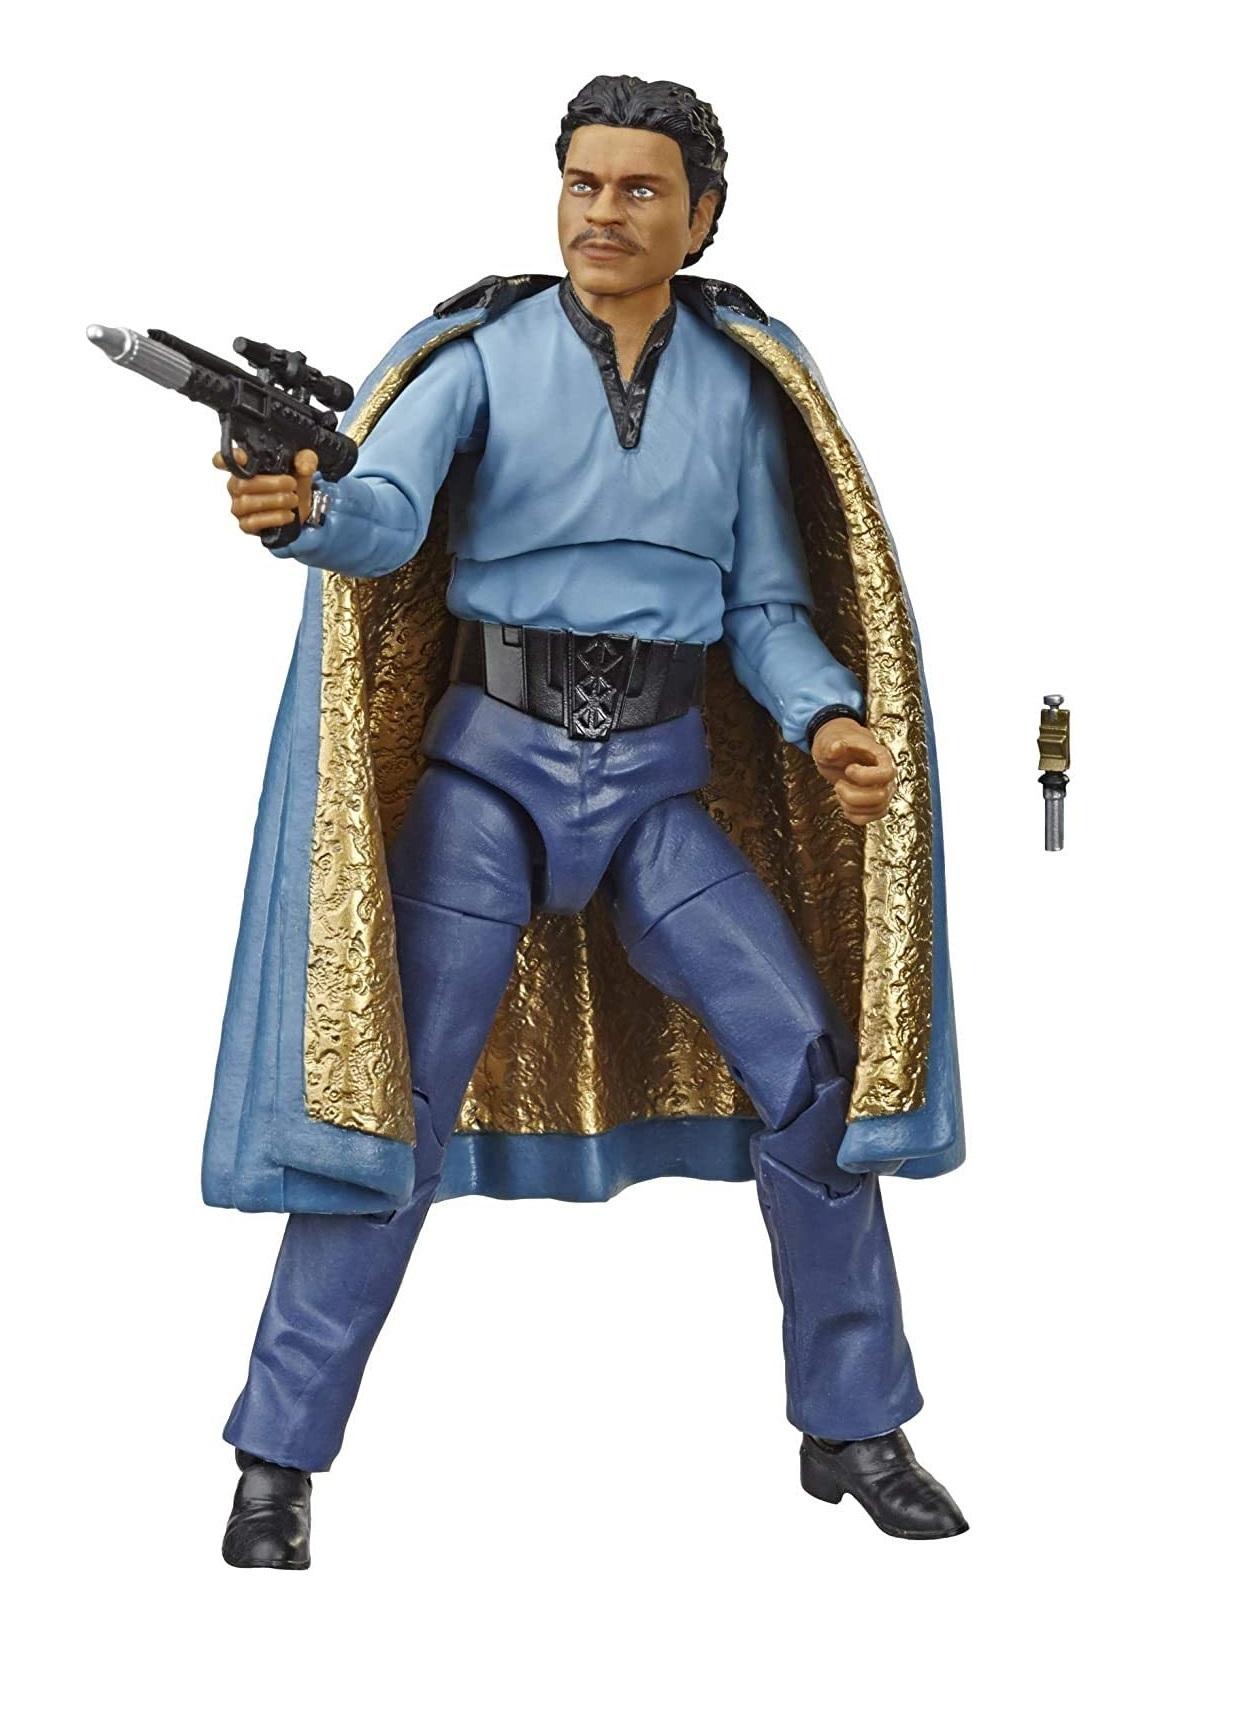 Фигурка Лэндо Калриссиан Star Wars: Black Series Звездные Войны 15 см